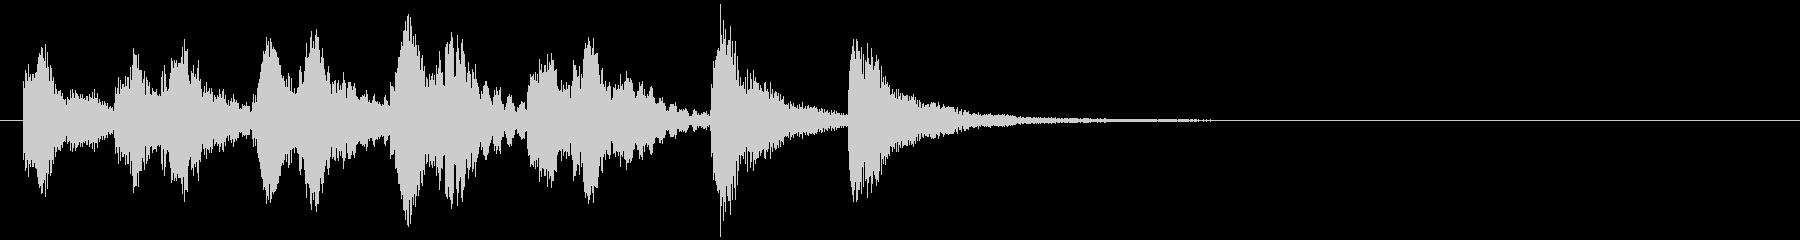 のほほんジングル009_おとぼけ+3の未再生の波形